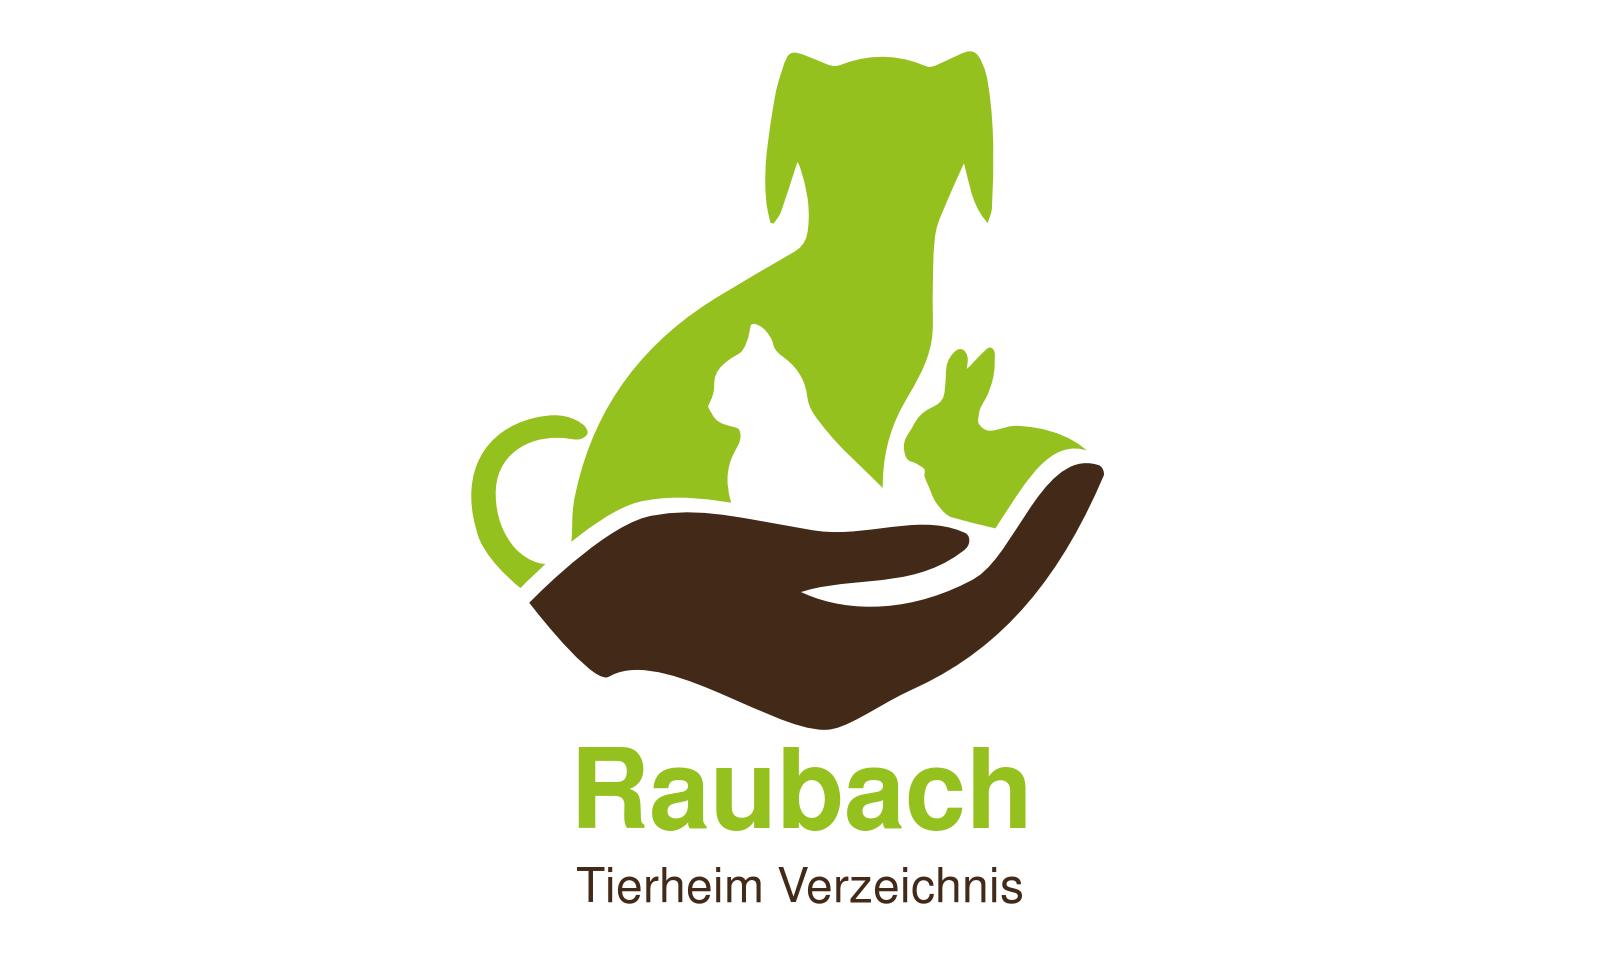 Tierheim Raubach